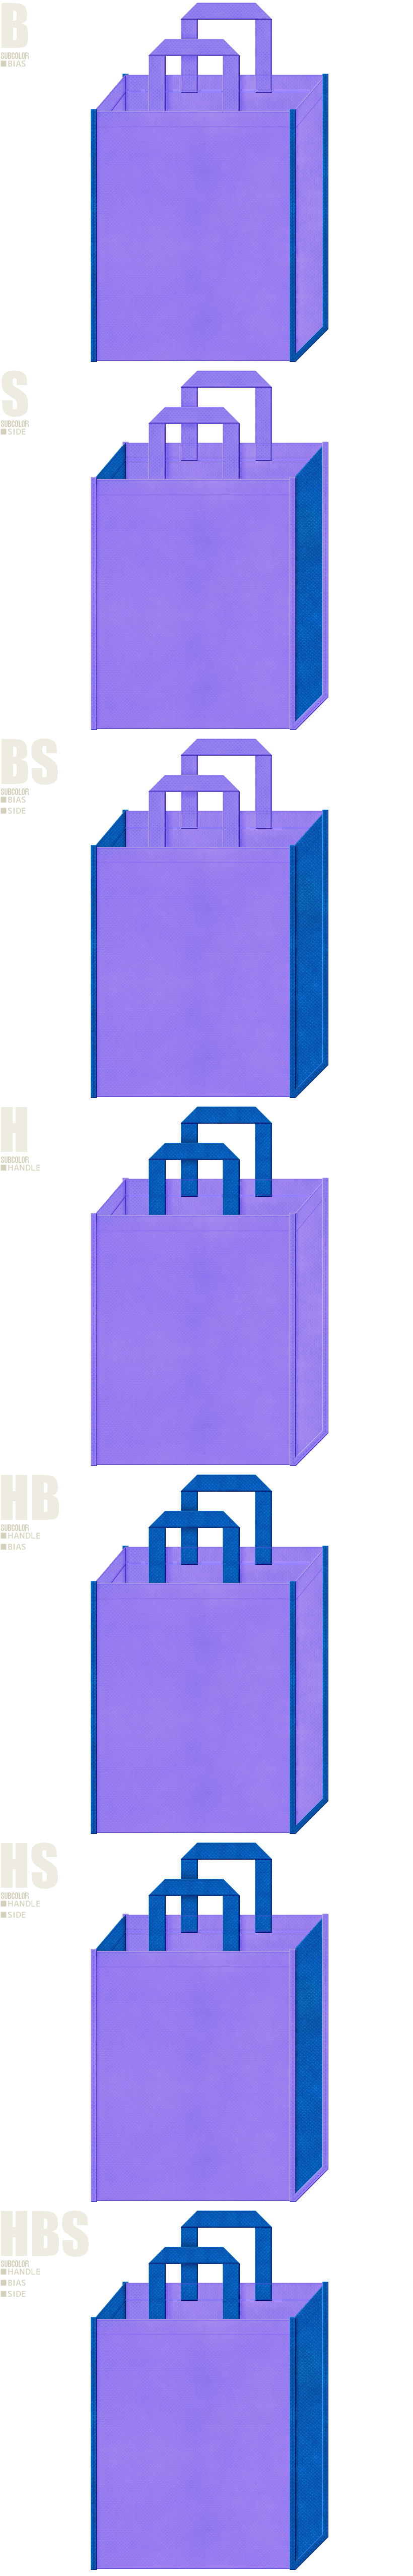 不織布トートバッグのデザイン例-不織布メインカラーNo.32+サブカラーNo.22の2色7パターン